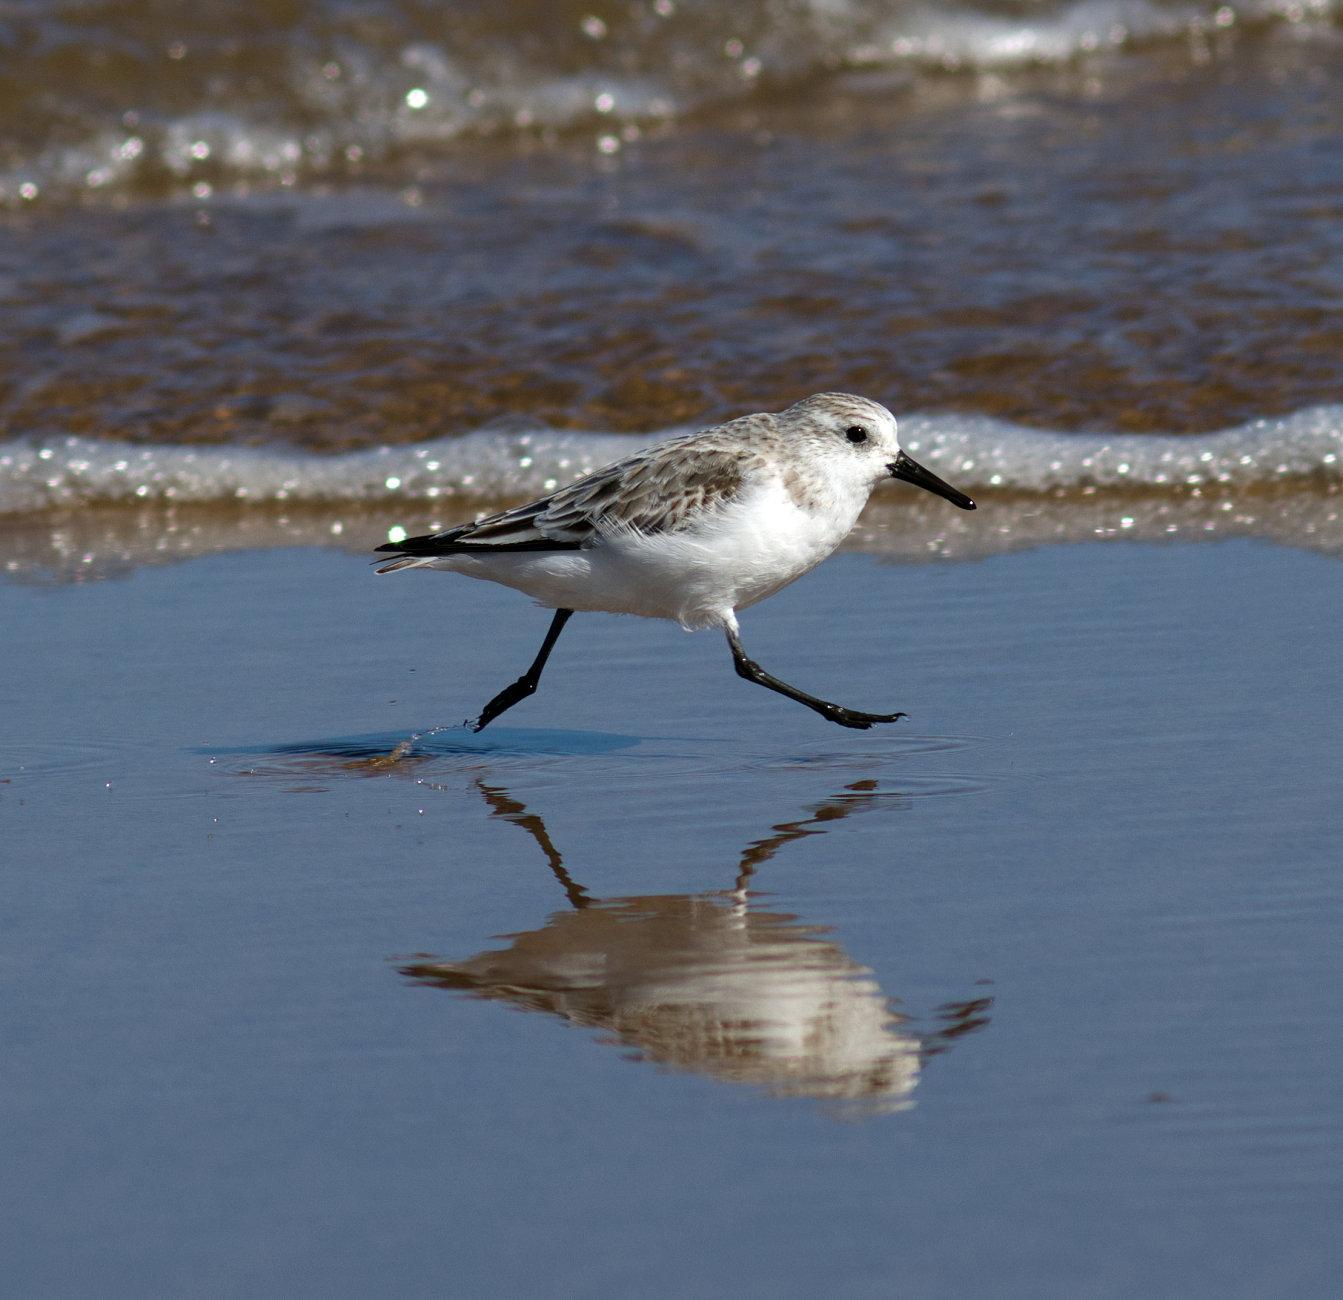 Levitating sanderling